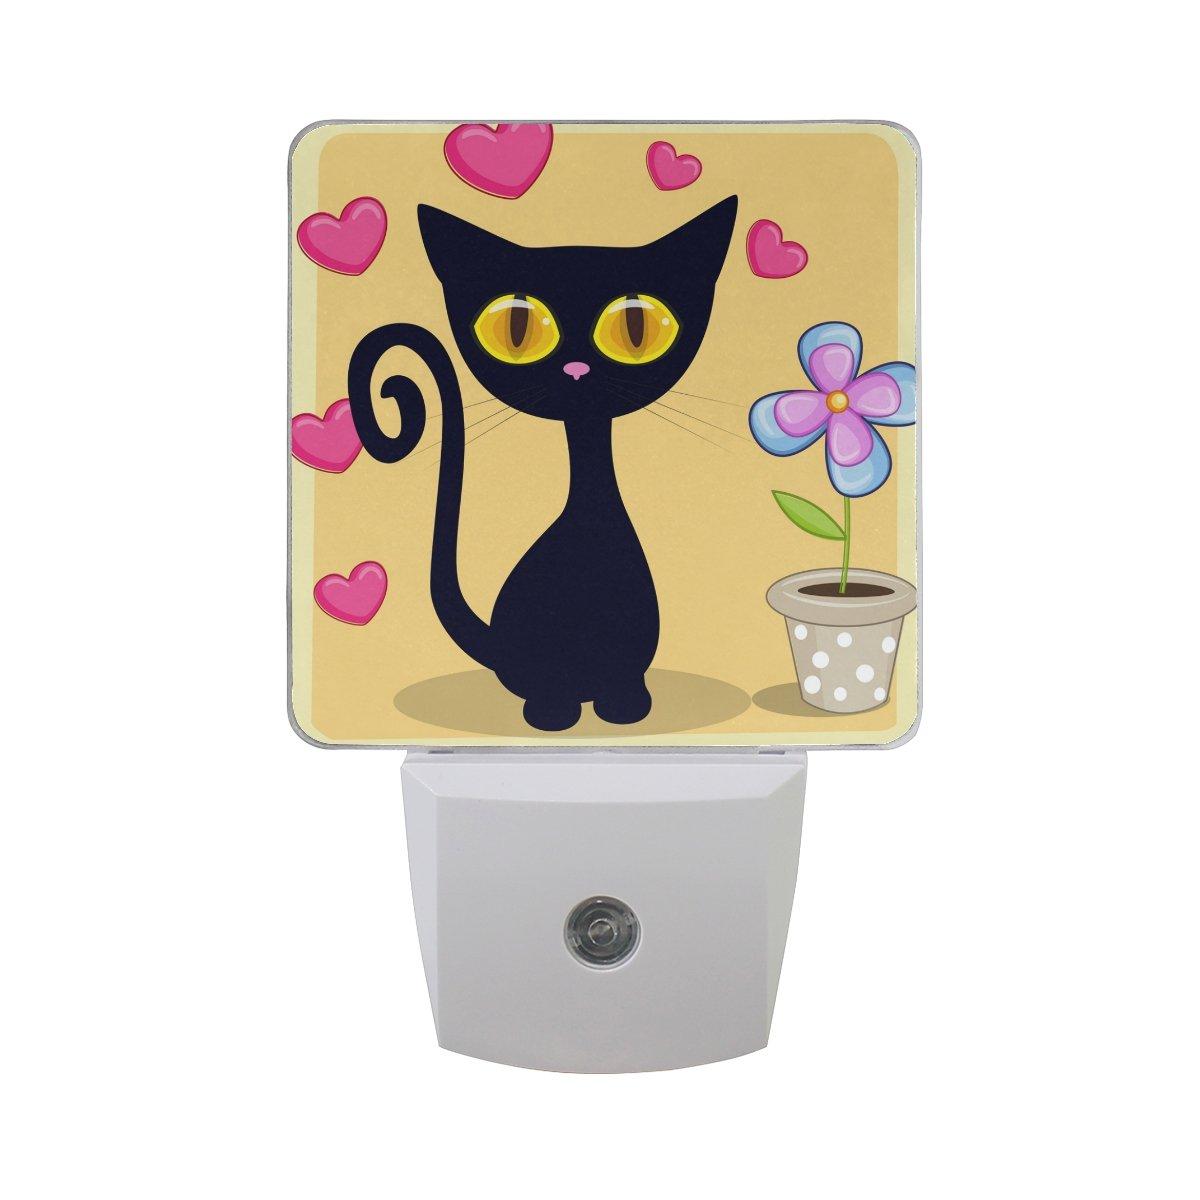 プラグインLED夜ライトランプブラック子猫とハートと花印刷with Dusk to Dawnセンサーのベッドルーム、バスルーム、廊下、階段、2 pack-0.5 W B07CVDP6R5